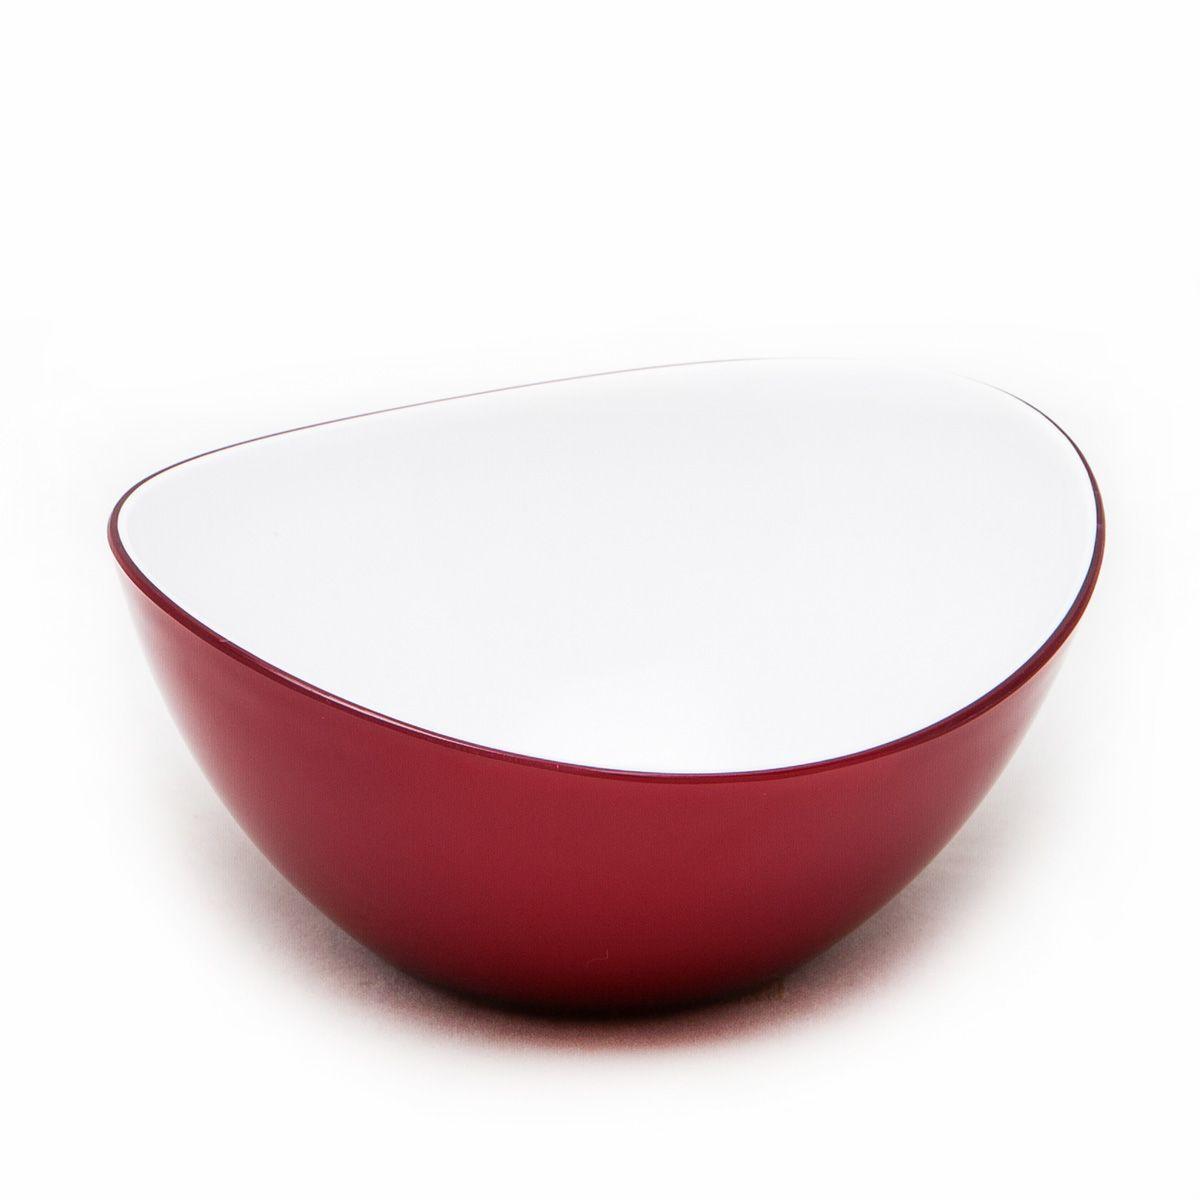 Миска MoulinVilla, цвет: бургунди, 16 х 14 х 6 см115510Оригинальная миска Moulinvilla, изготовленная из высококачественного акрила, благодаря привлекательному дизайну выполняет не только практичную, но и декоративную функцию. Белый цвет внутренней поверхности и сочный, интенсивный цвет снаружи отлично контрастируют, привлекая к себе внимание.Миска подойдет для сервировки салатов, фруктов, закусок, десертов, печенья, сладостей и других продуктов.Подходит для мытья в посудомоечной машине.